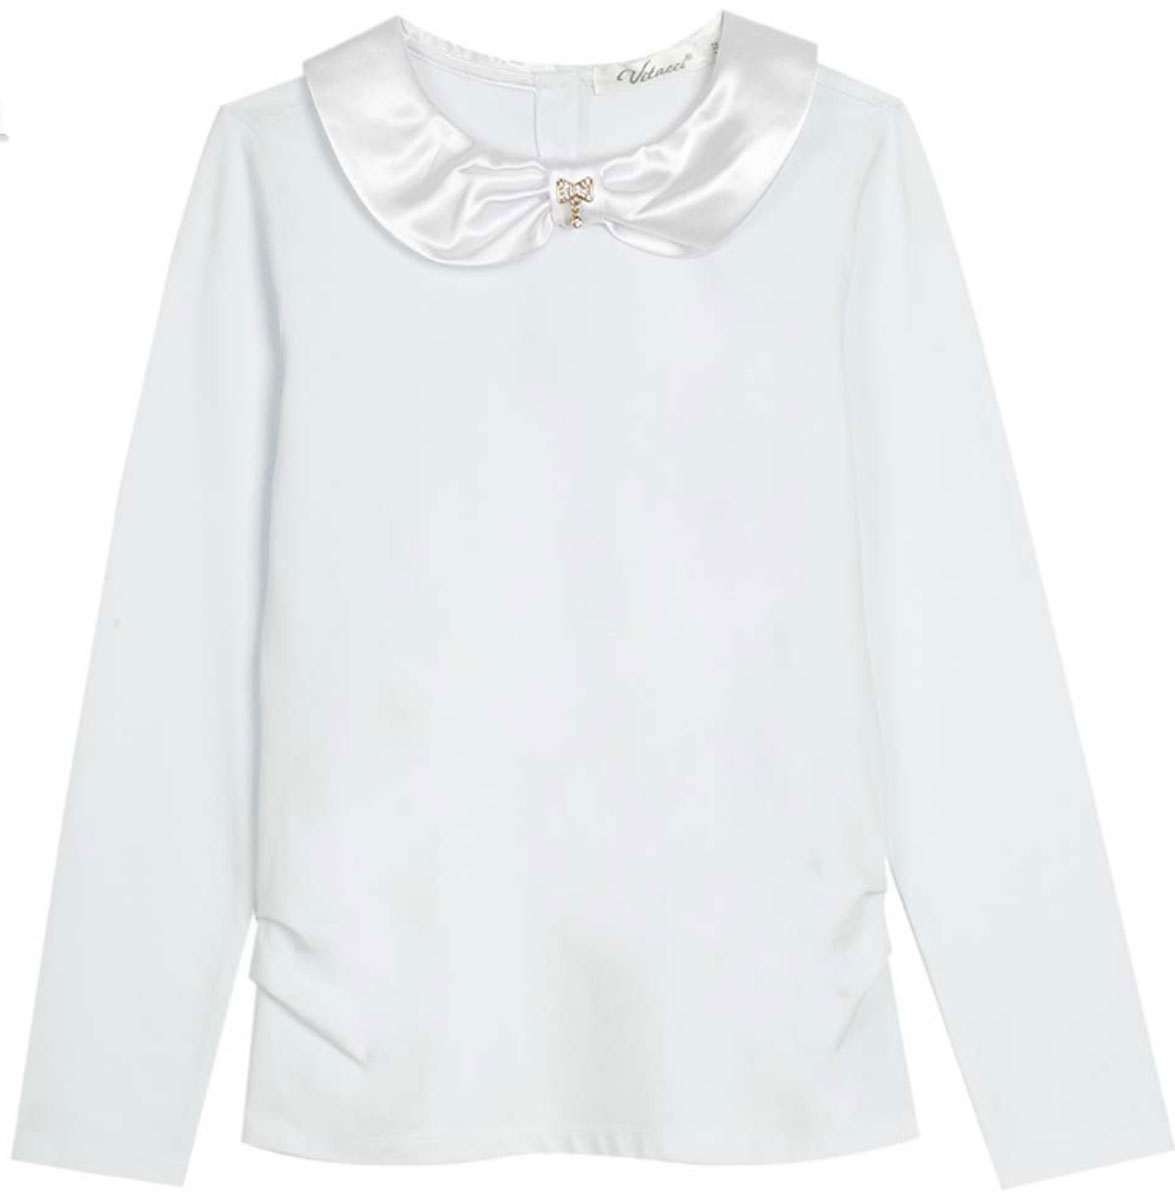 Блузка для девочки Vitacci, цвет: белый. 2173007-01. Размер 1342173007-01Школьная блузка для девочки от Vitacci выполнена из эластичного хлопкового трикотажа. Модель с длинными рукавами и отложным атласным воротничком на спинке застегивается на пуговицы.